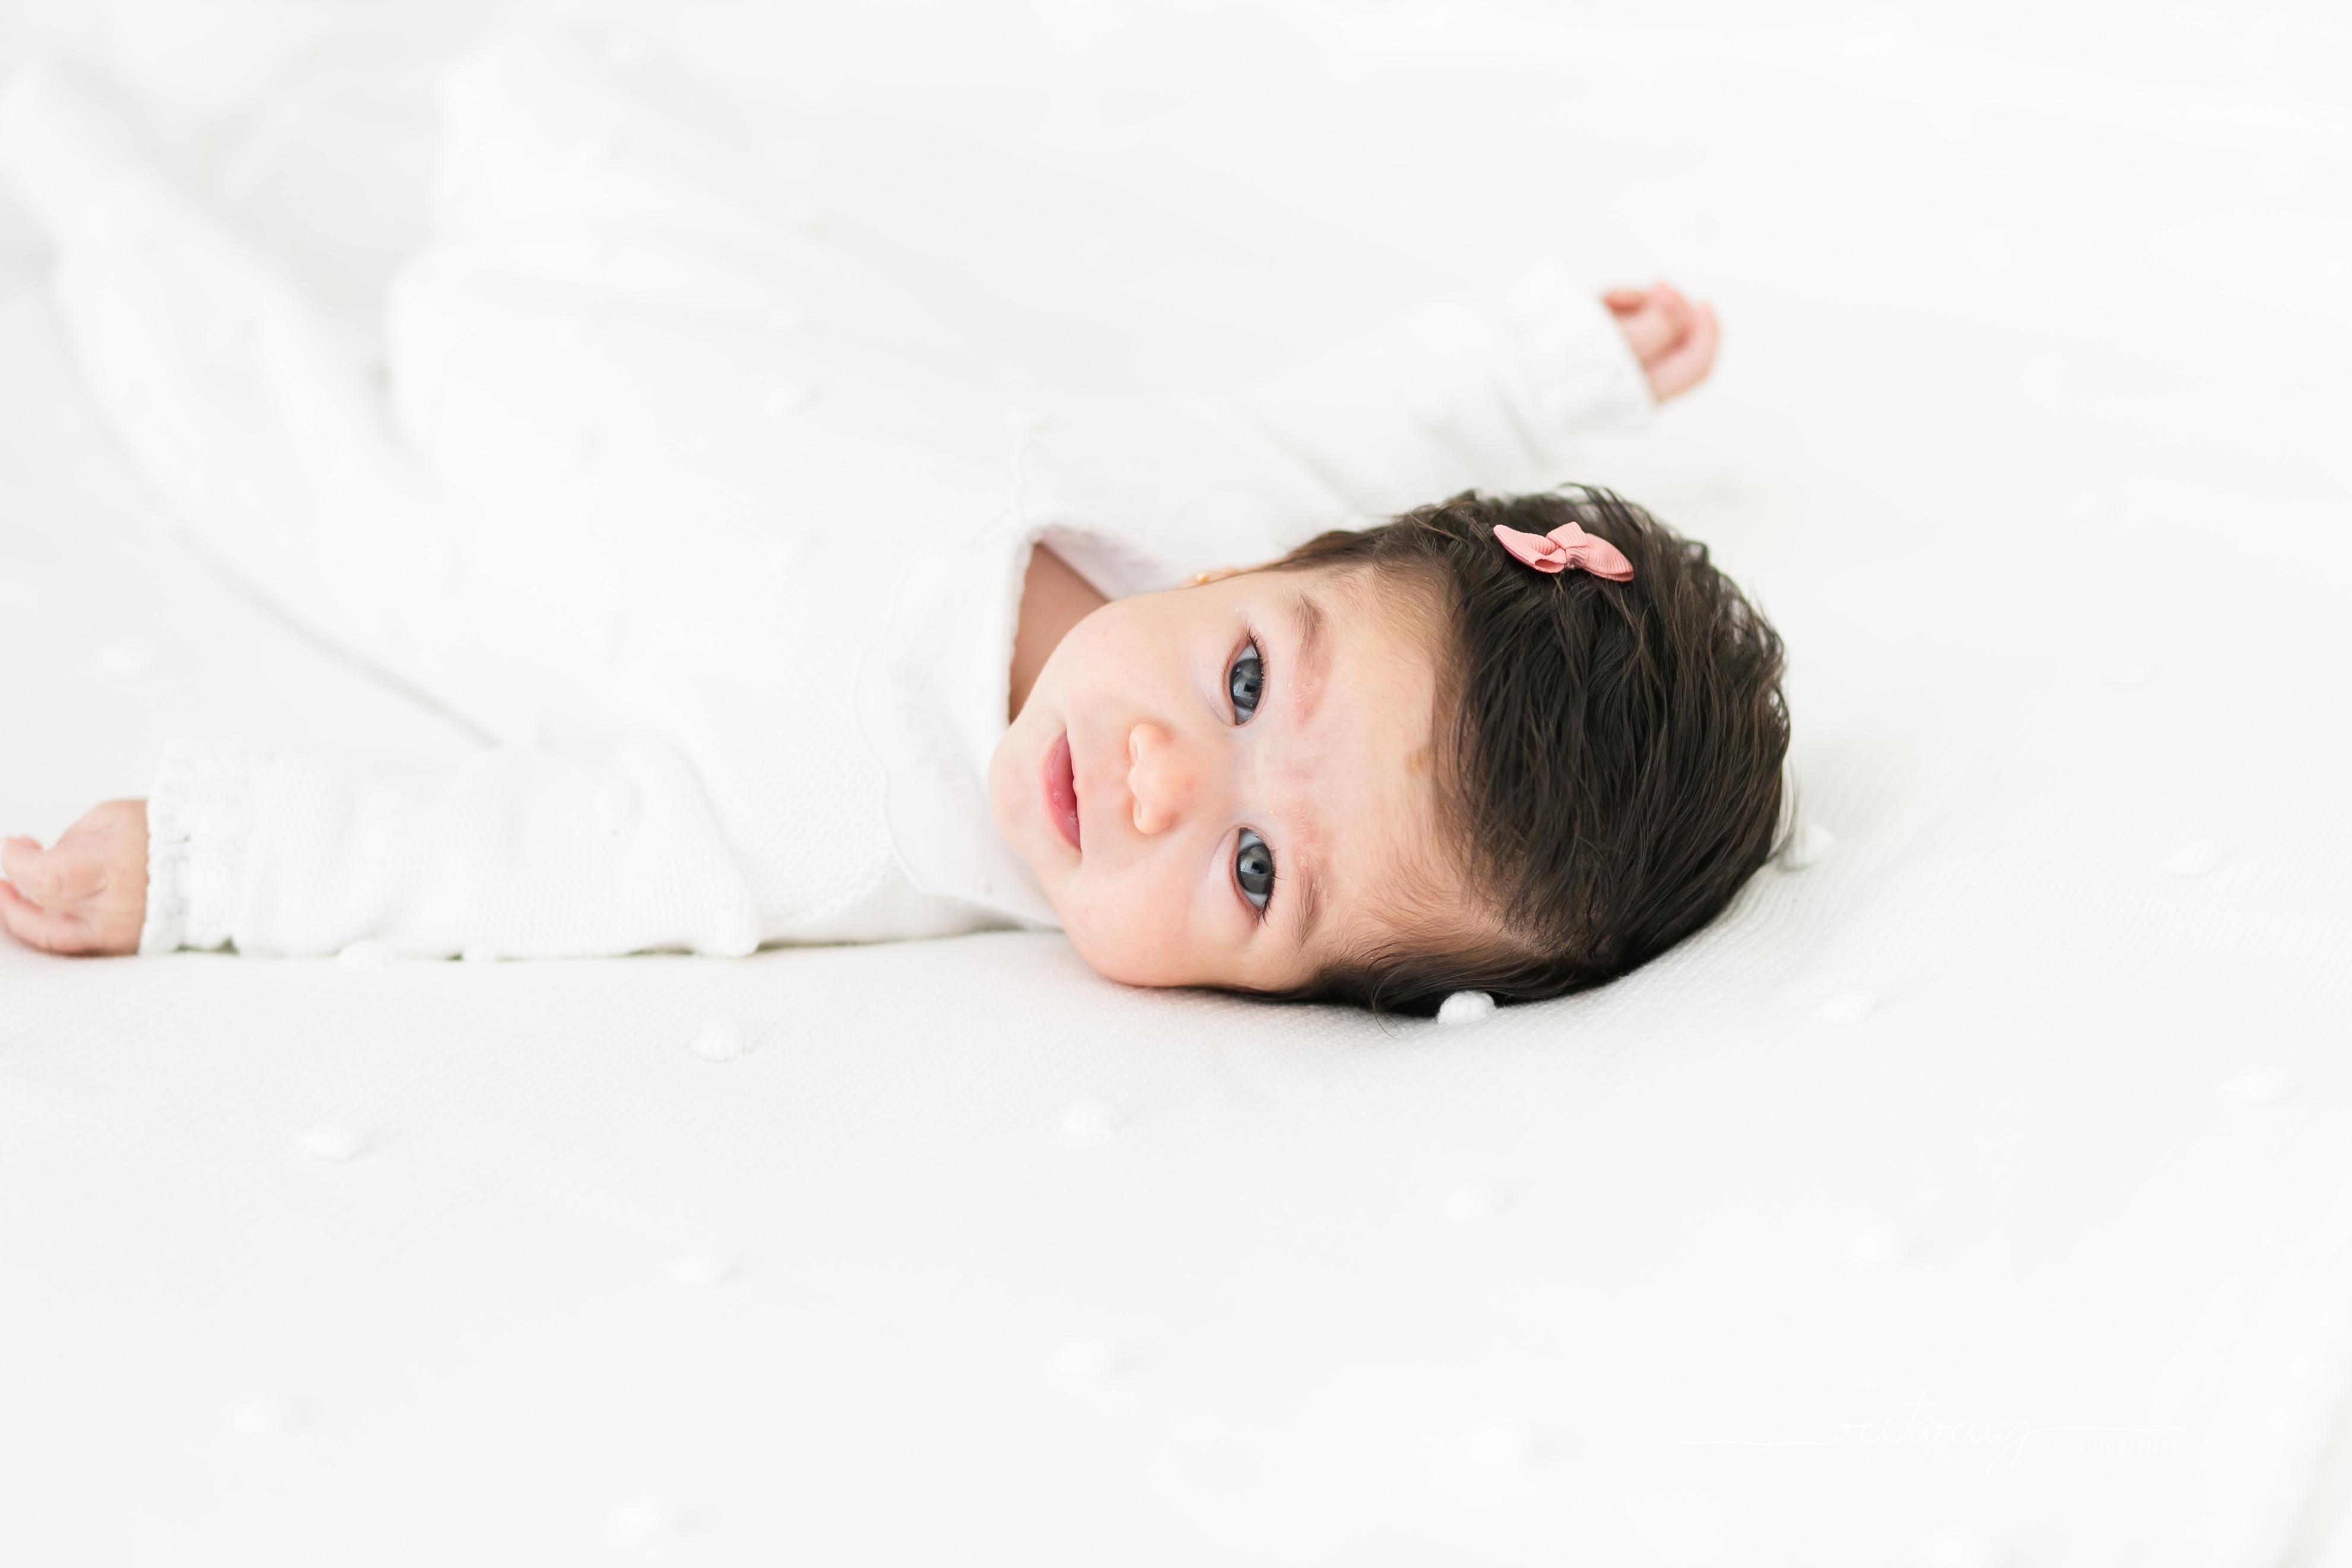 ritaruiz-fotografia-ensaio-bebe